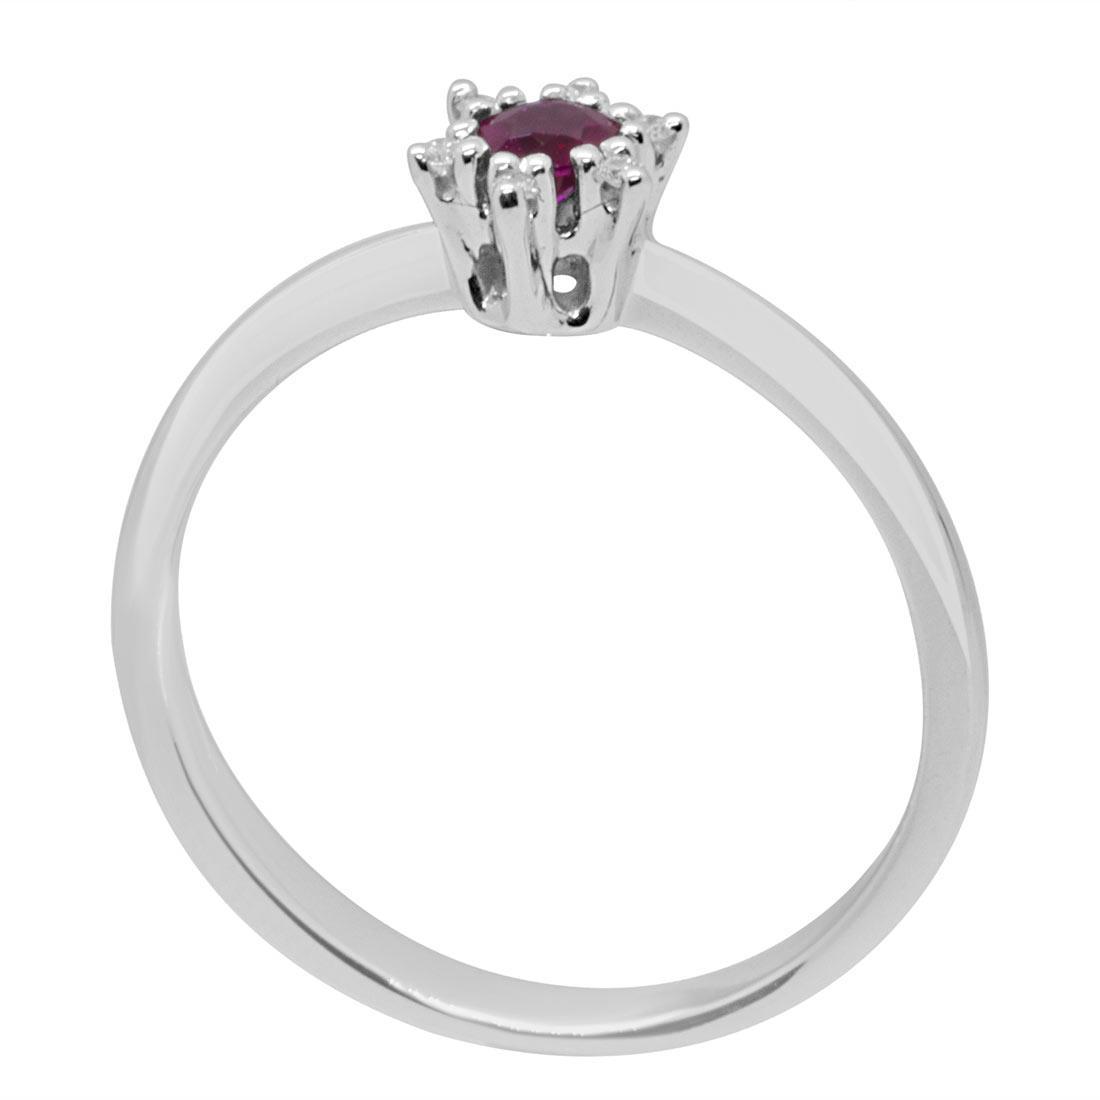 Anello con rubino e diamanti - ALFIERI & ST. JOHN